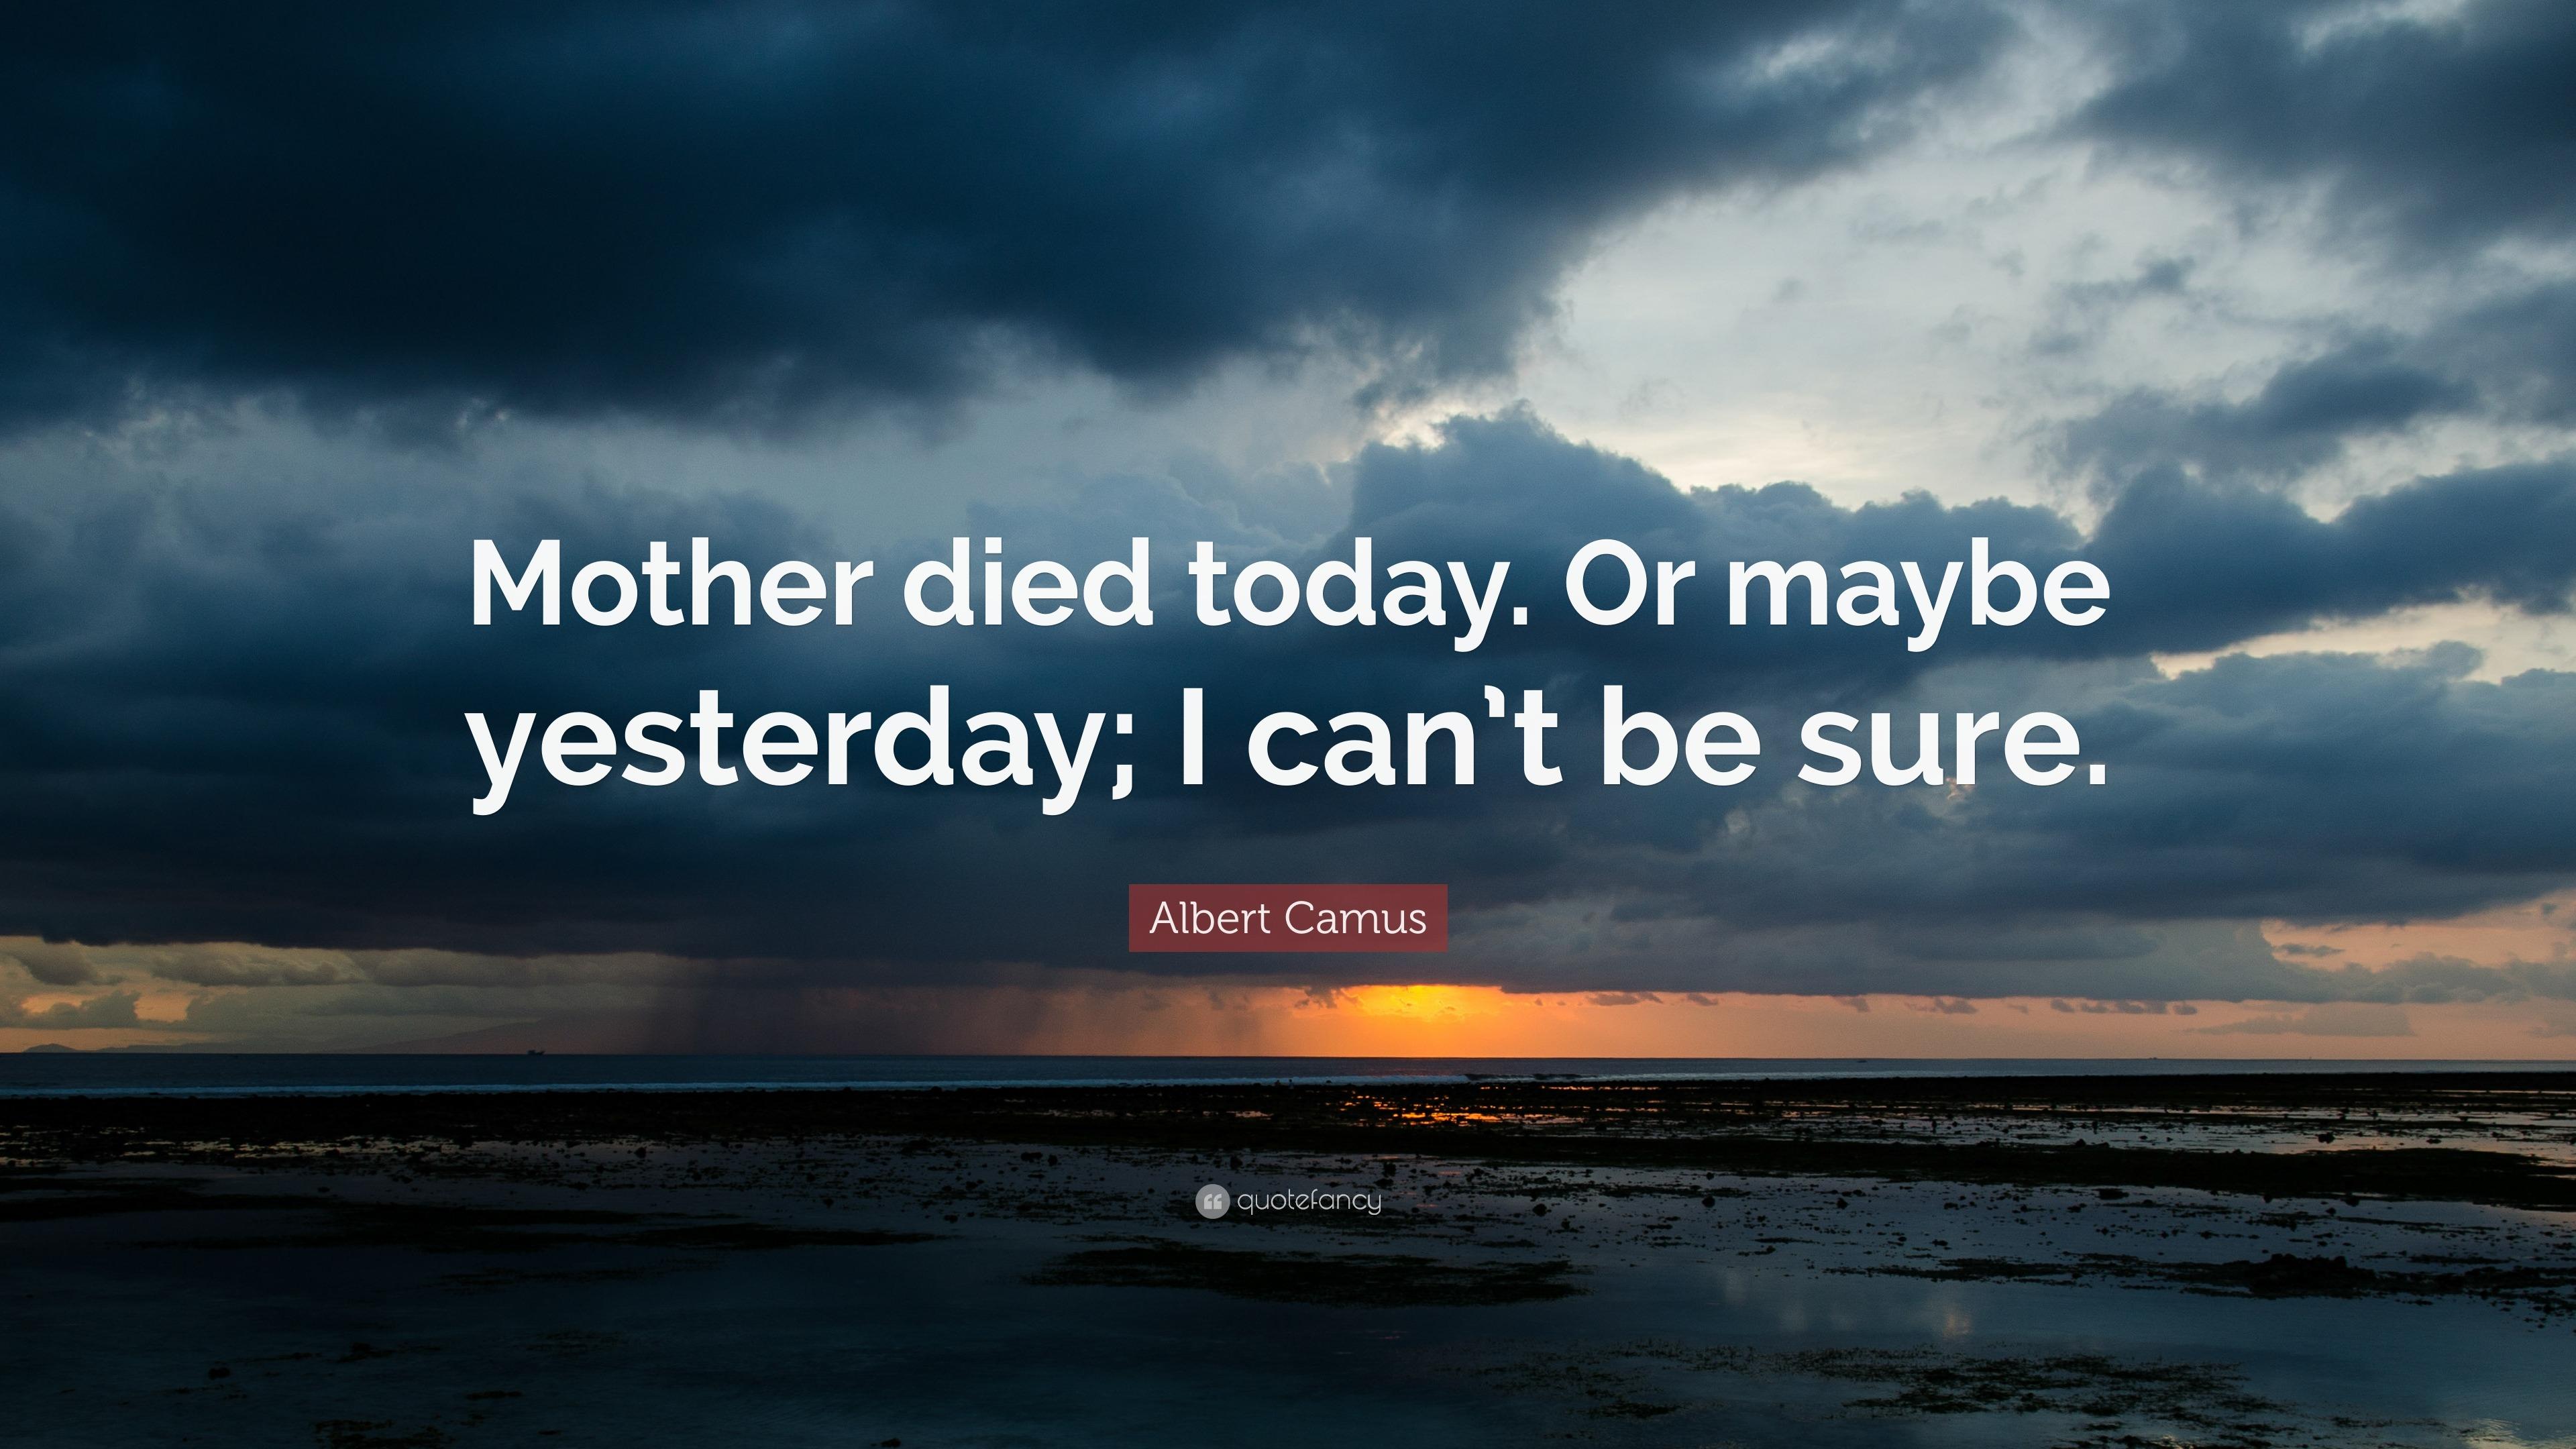 Frank Ocean Wallpaper Iphone X Albert Camus Quotes 100 Wallpapers Quotefancy